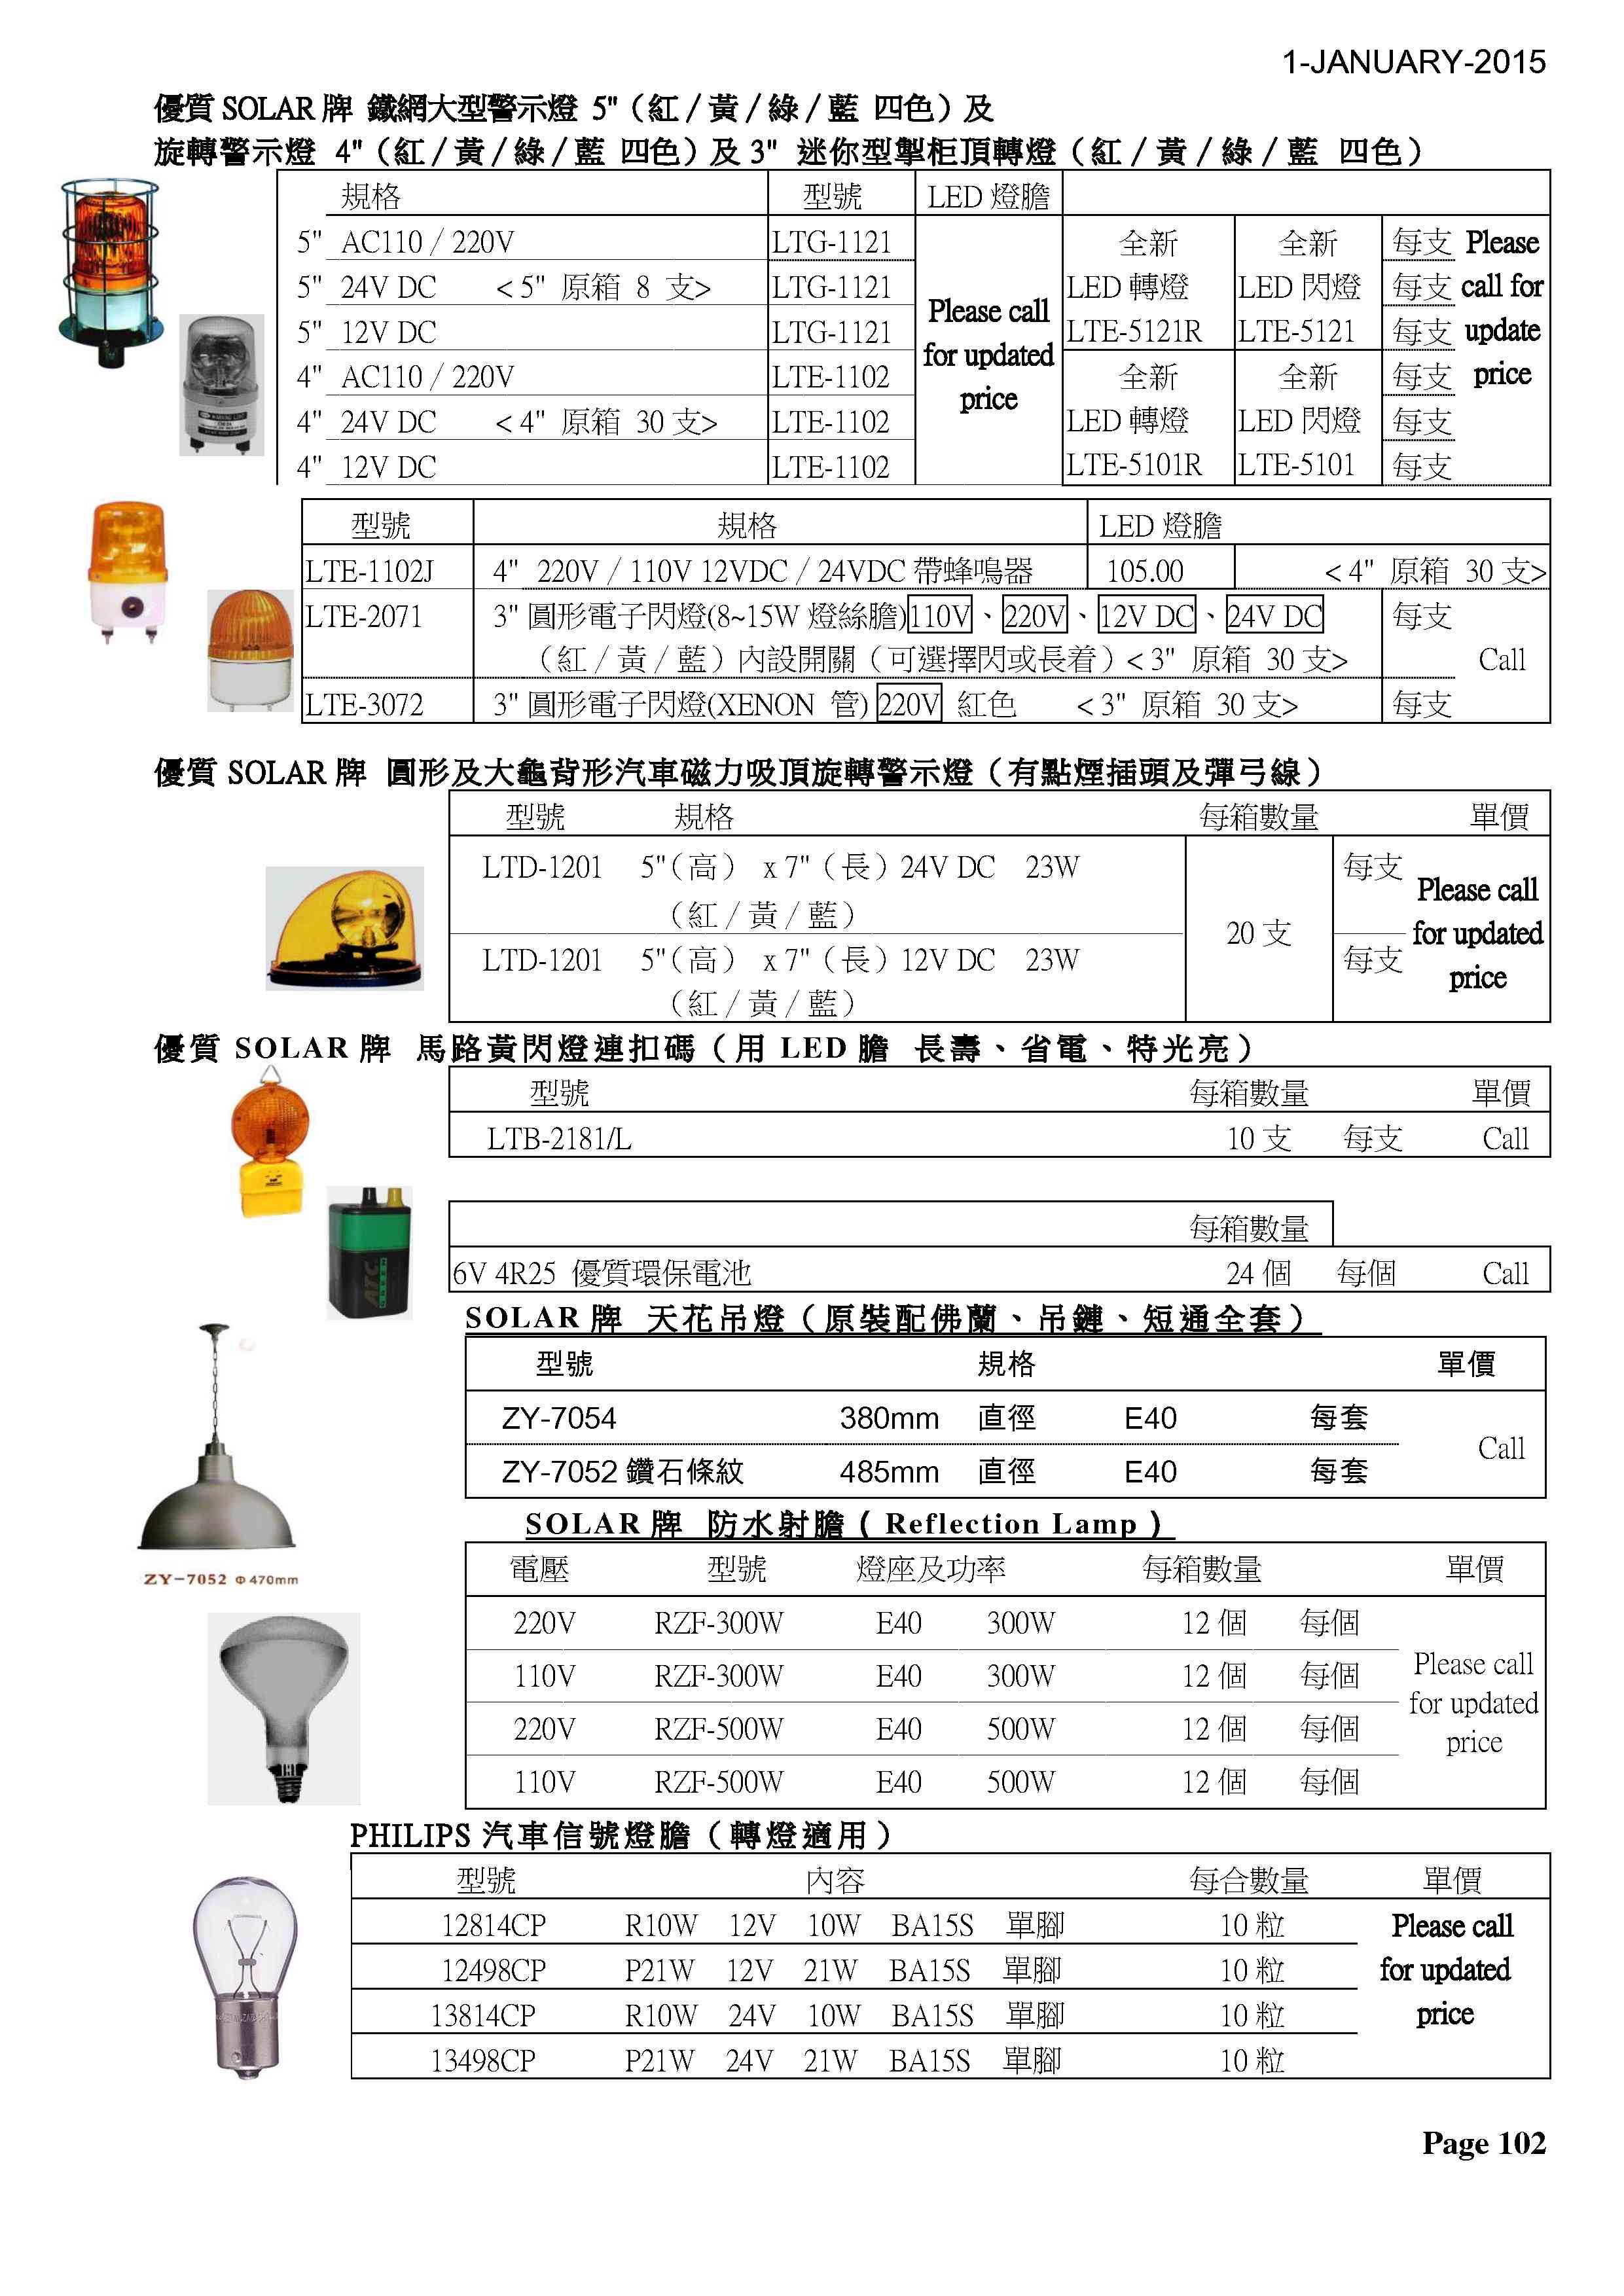 P102 - 轉燈及電池1